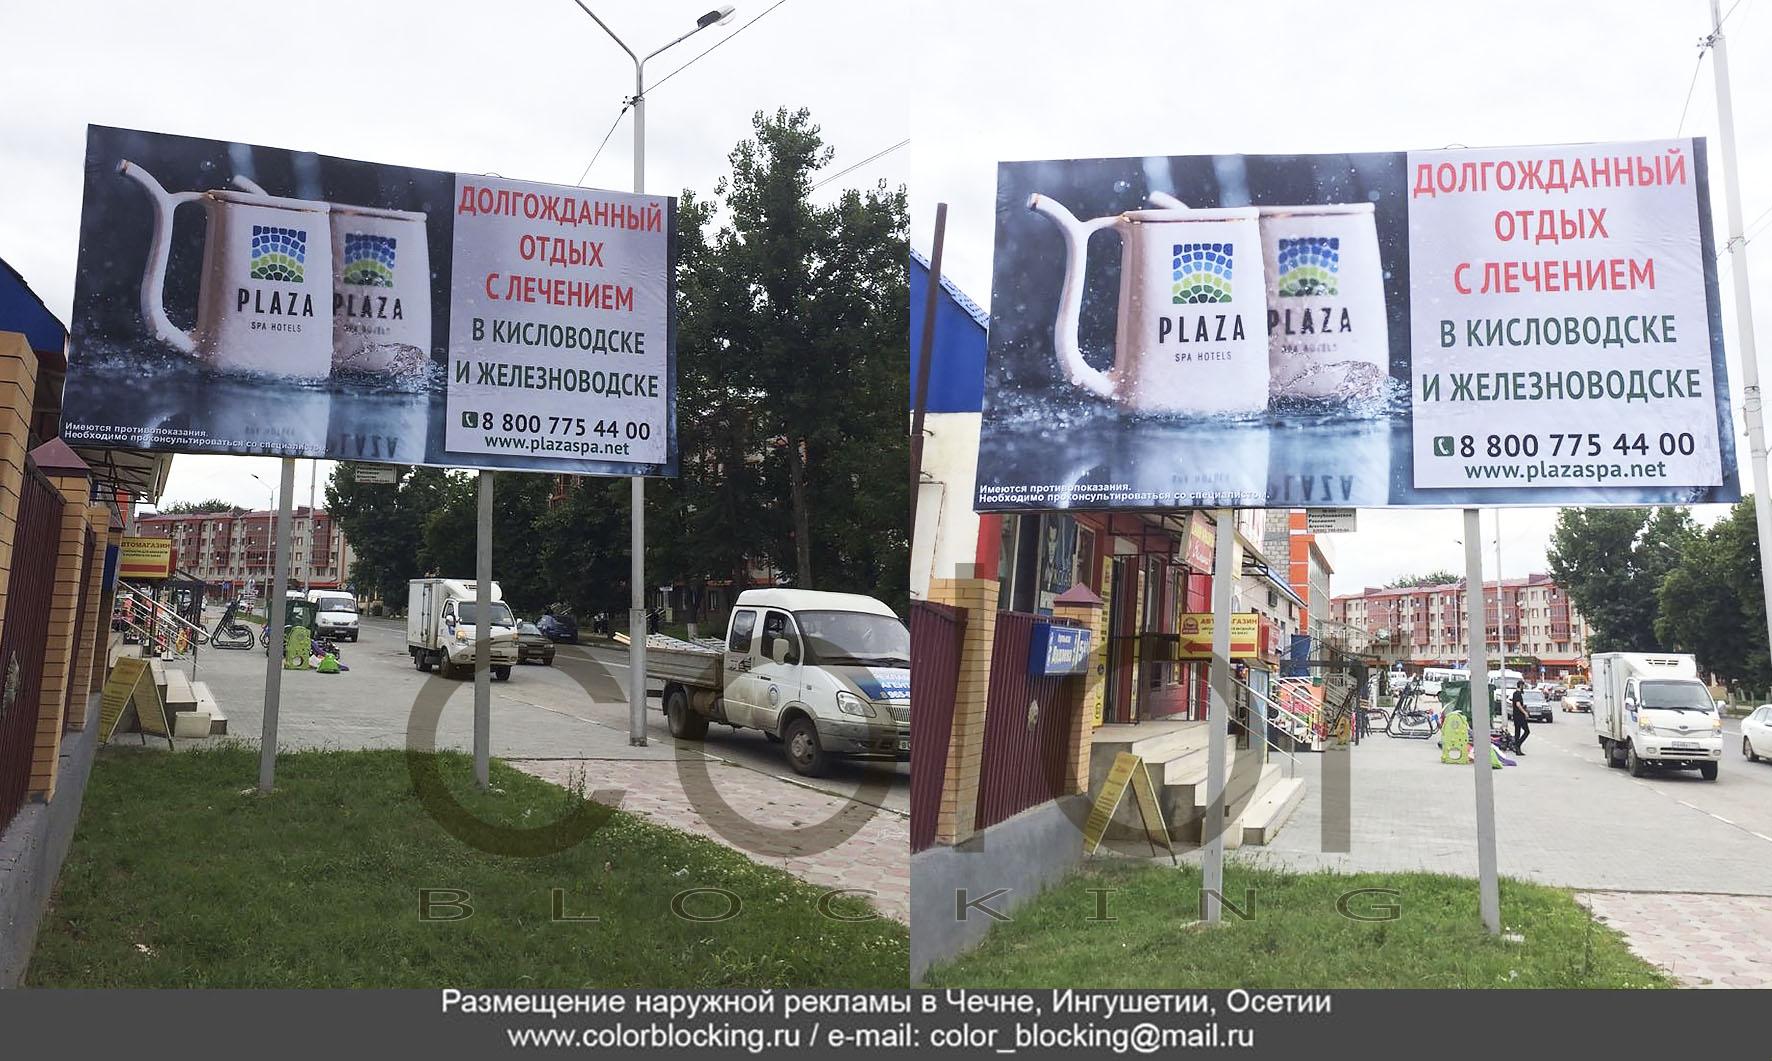 Реклама в центре Грозного уличная